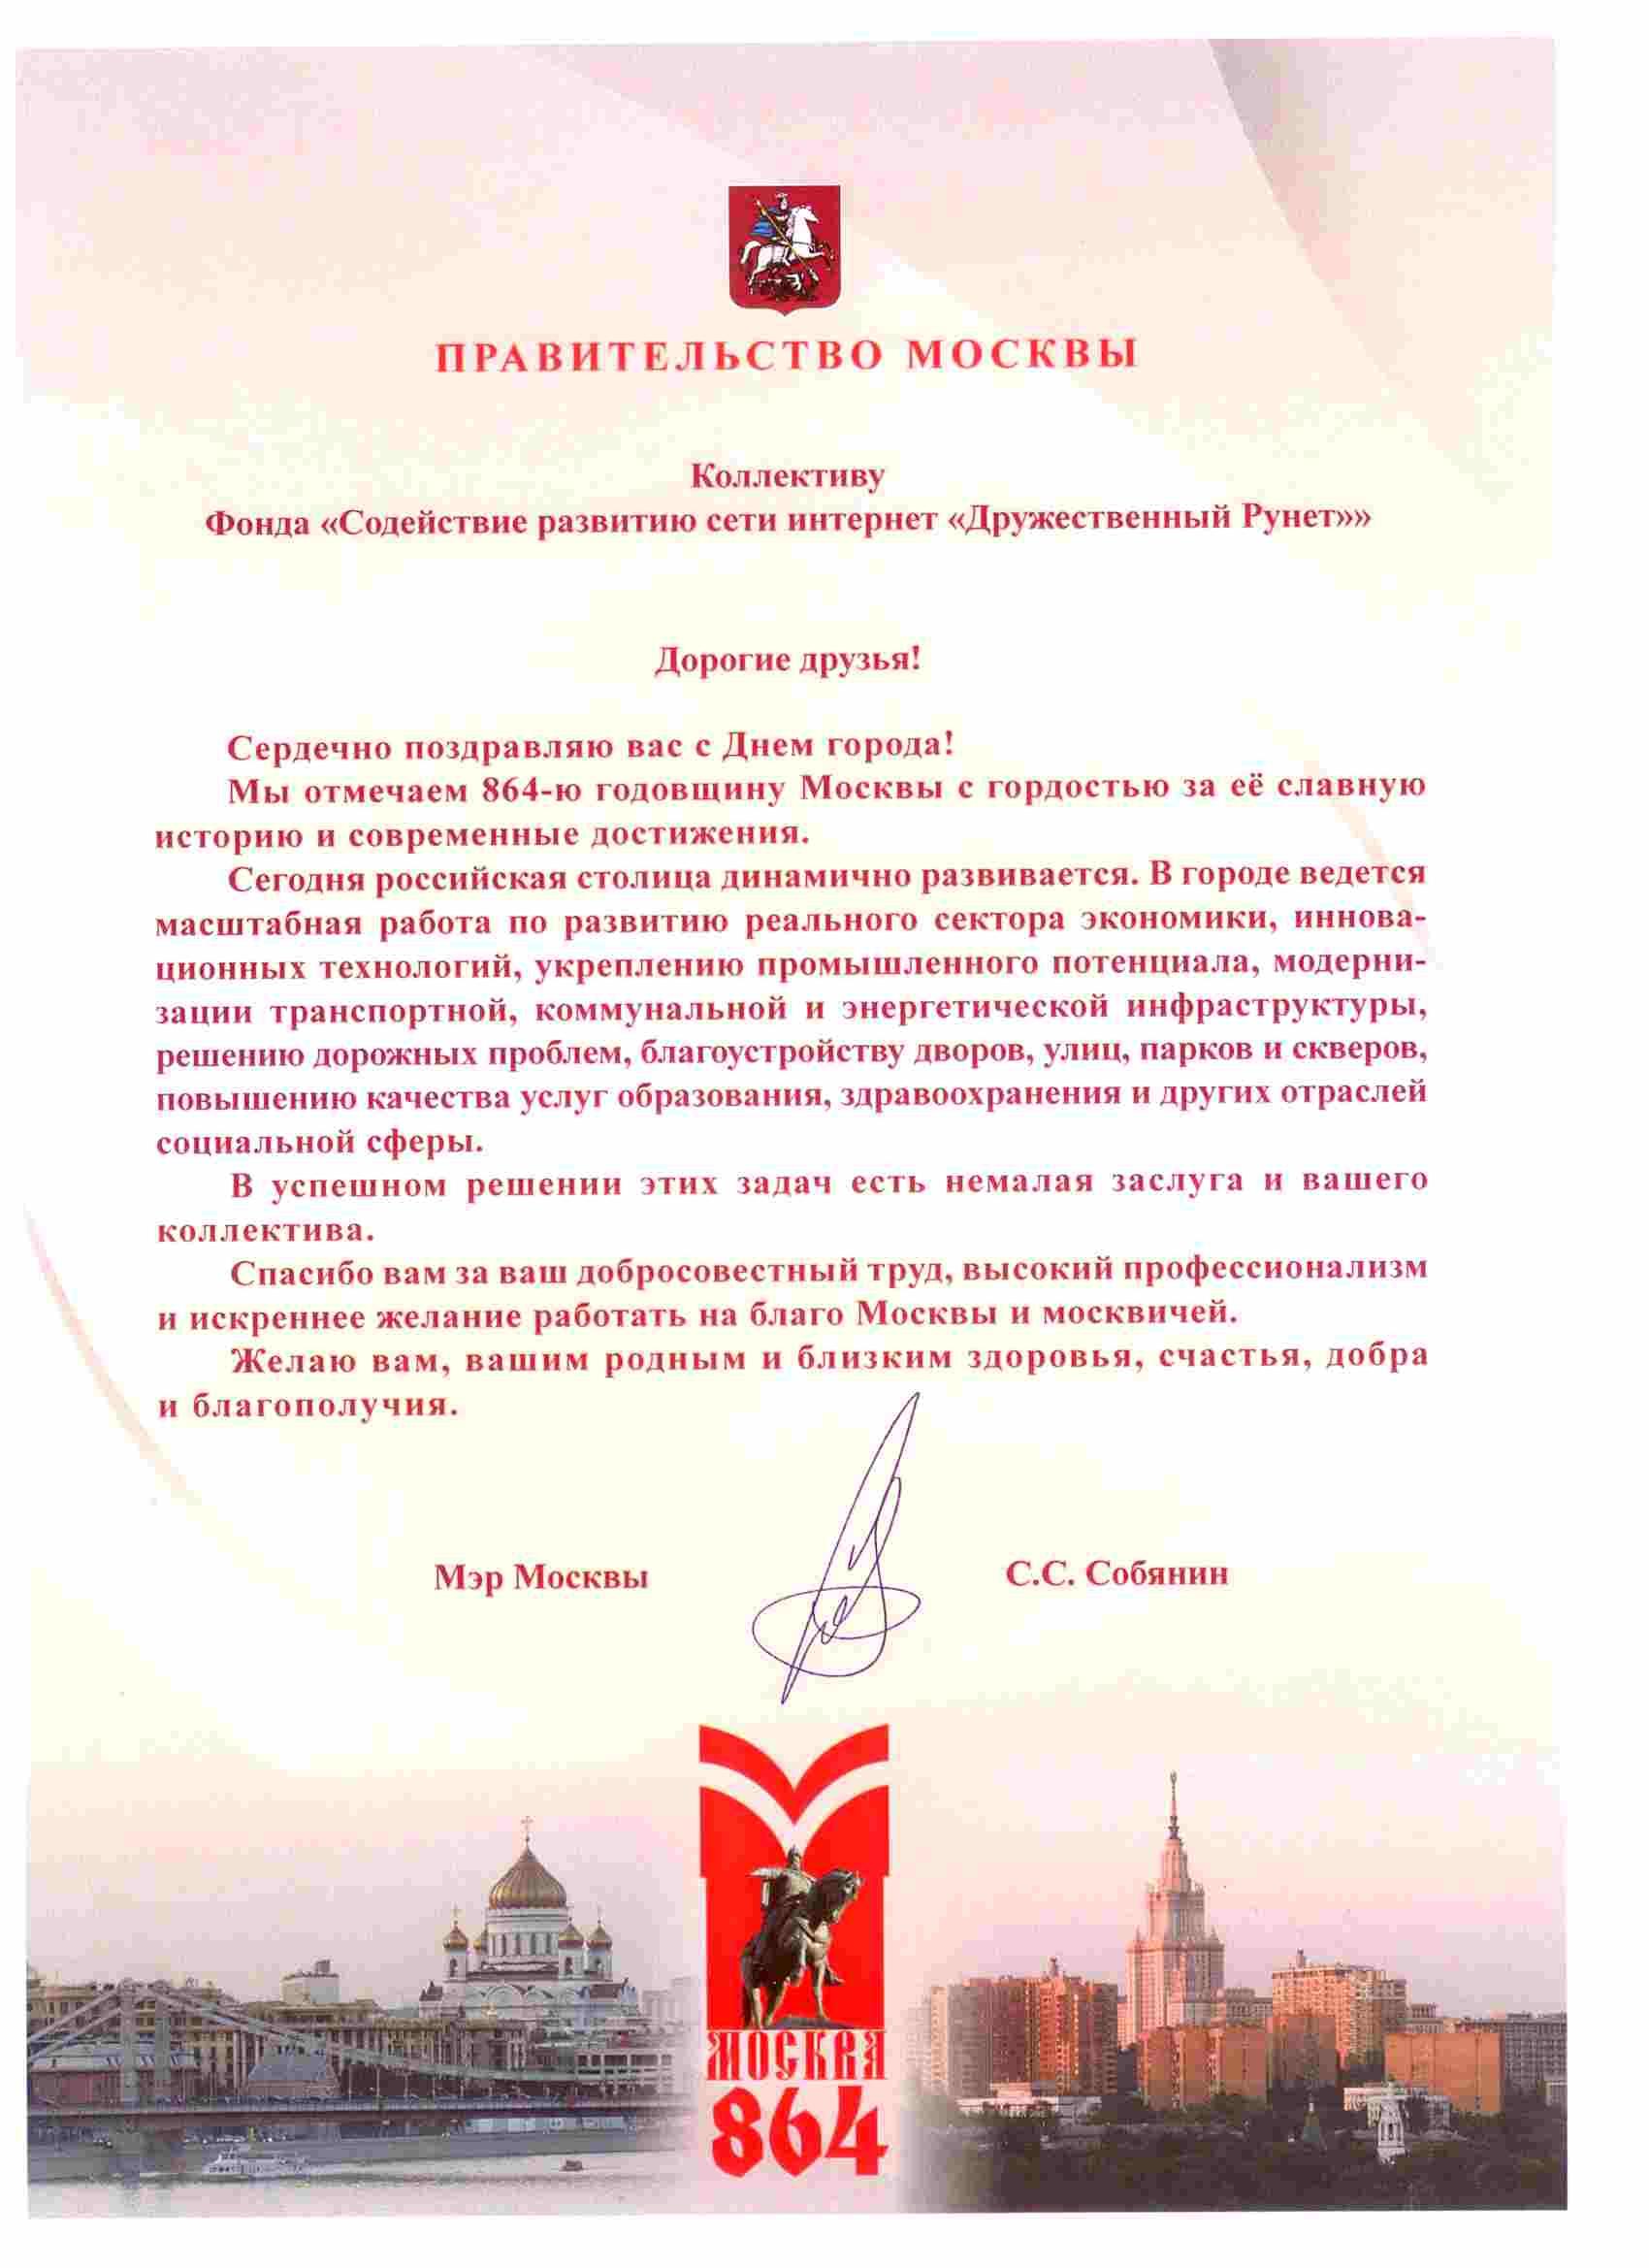 Официальное письмо с поздравлениями